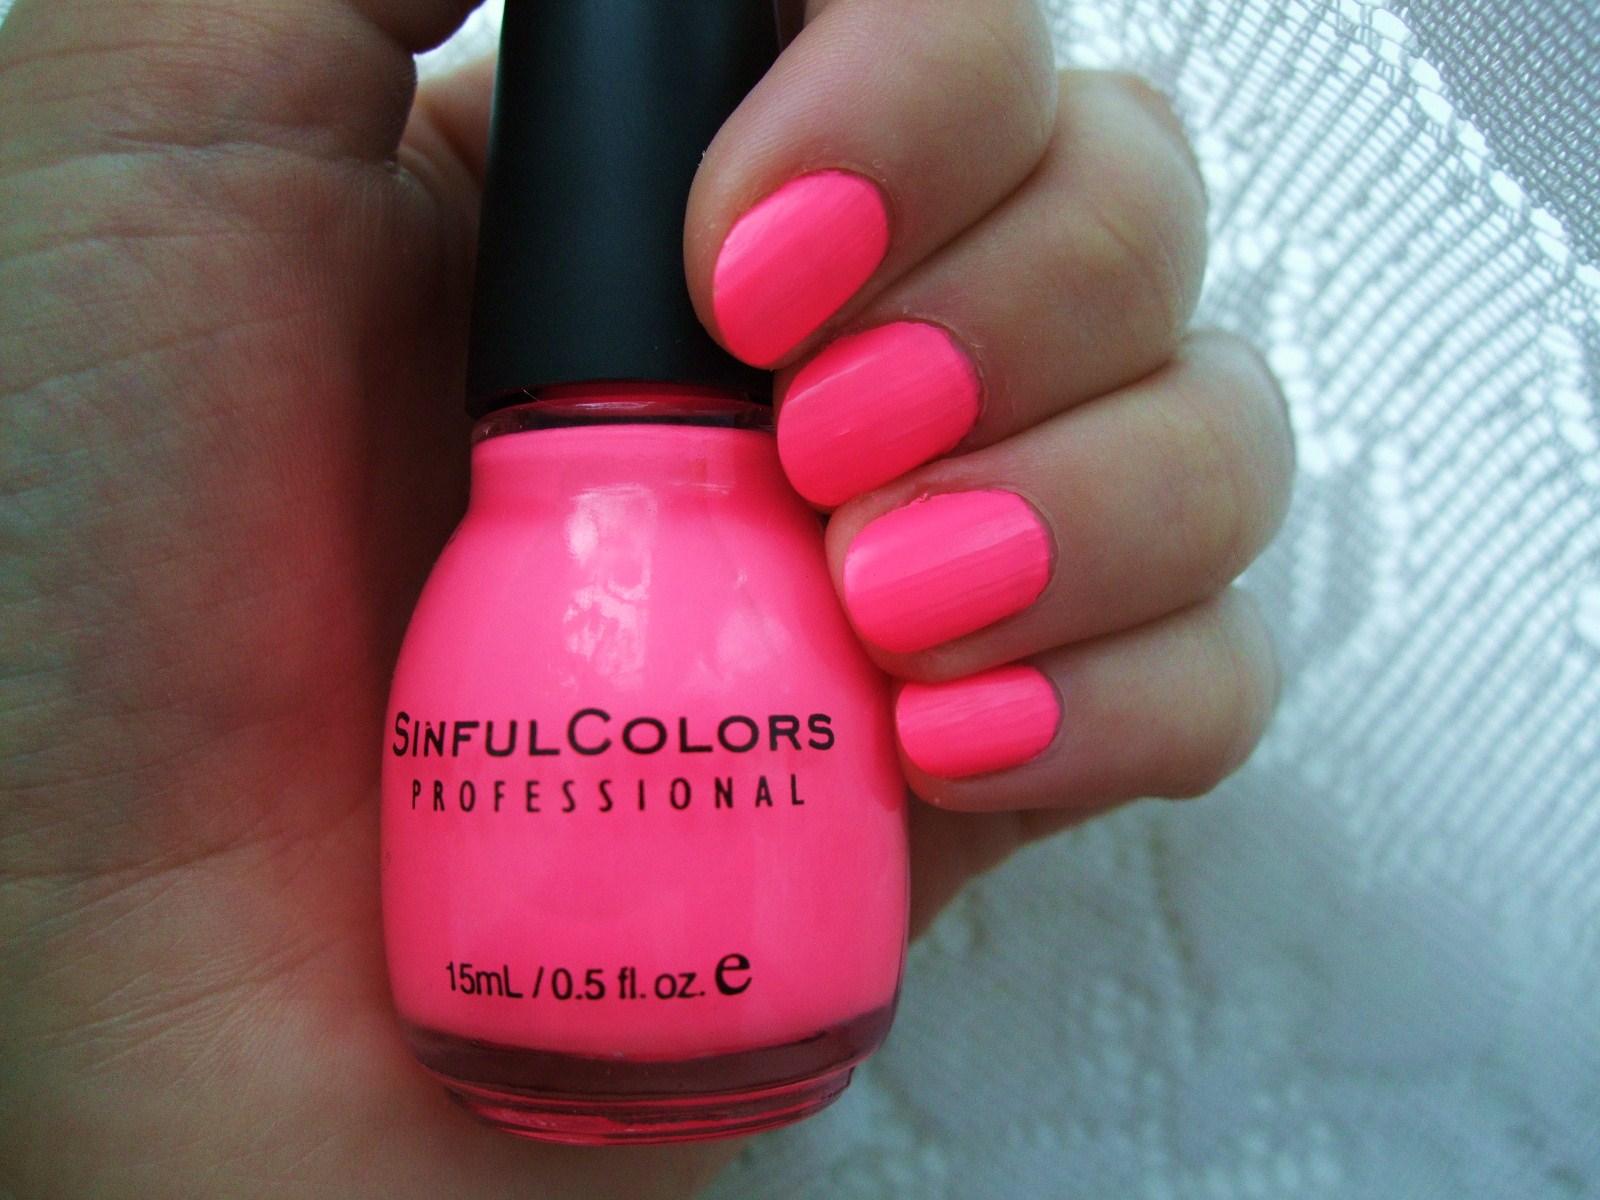 Neon Pink Sinful Colors Nail Polish